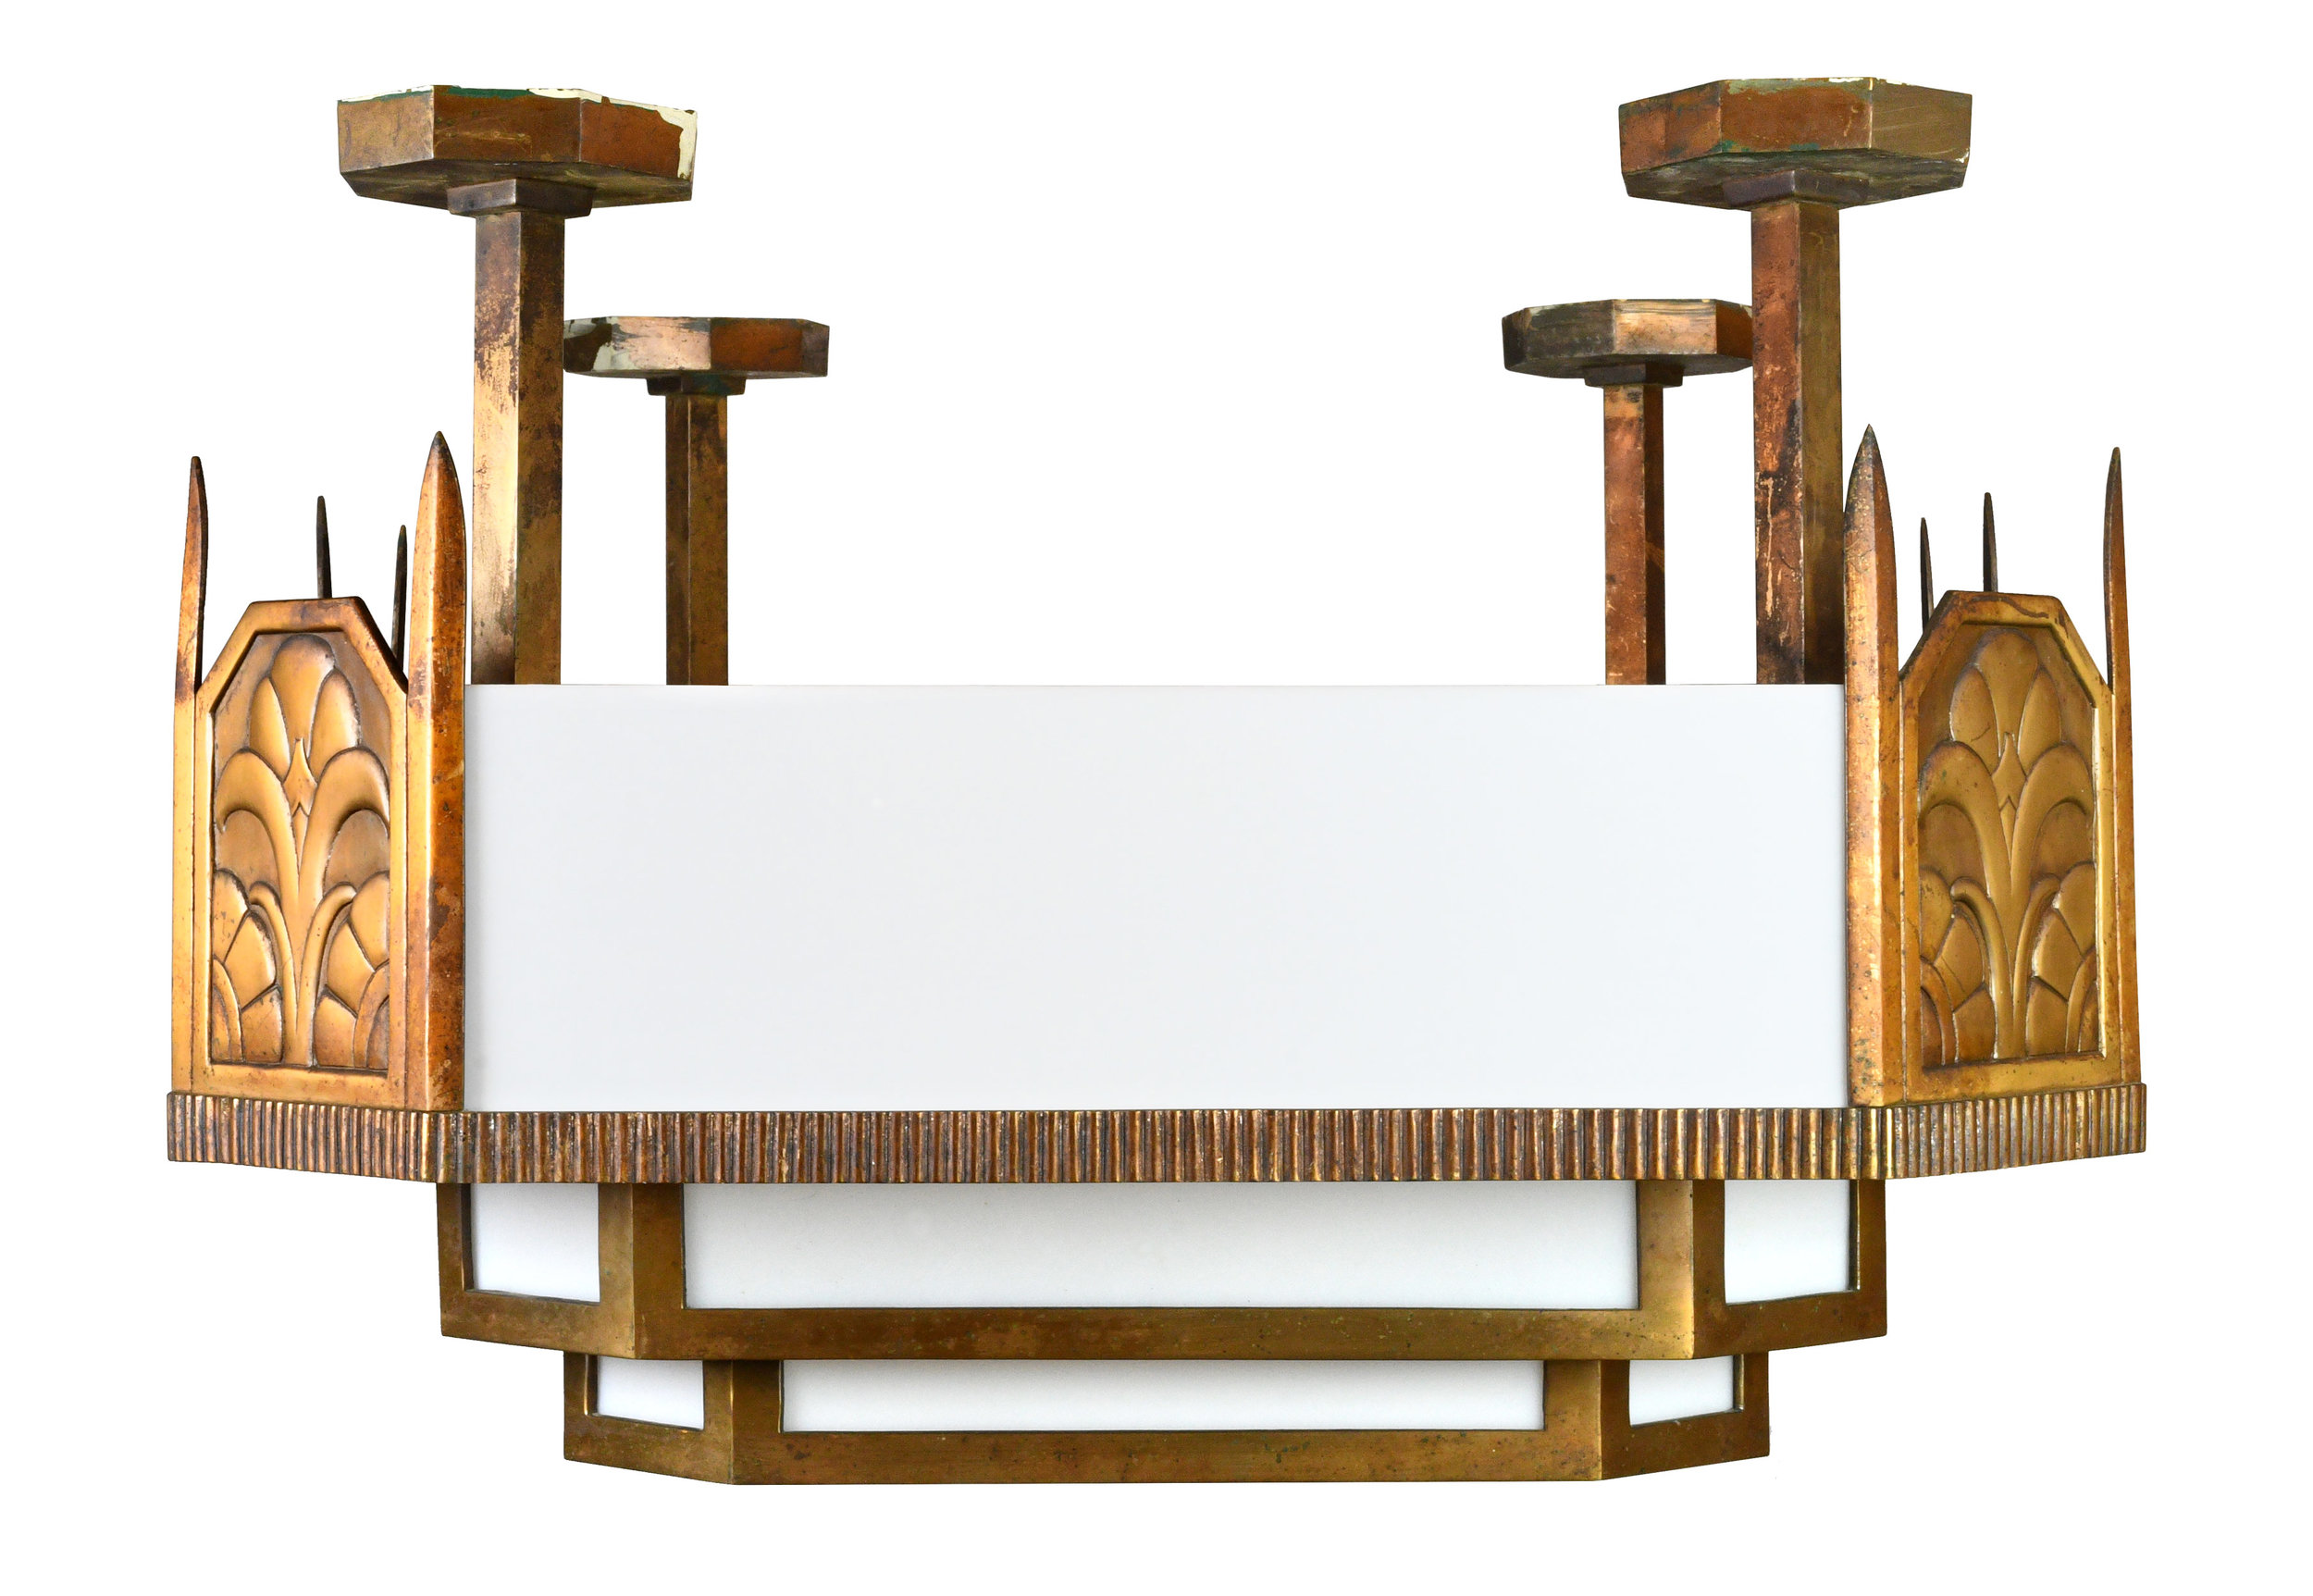 47607-art-deco-rectangular-light-full-view.jpg